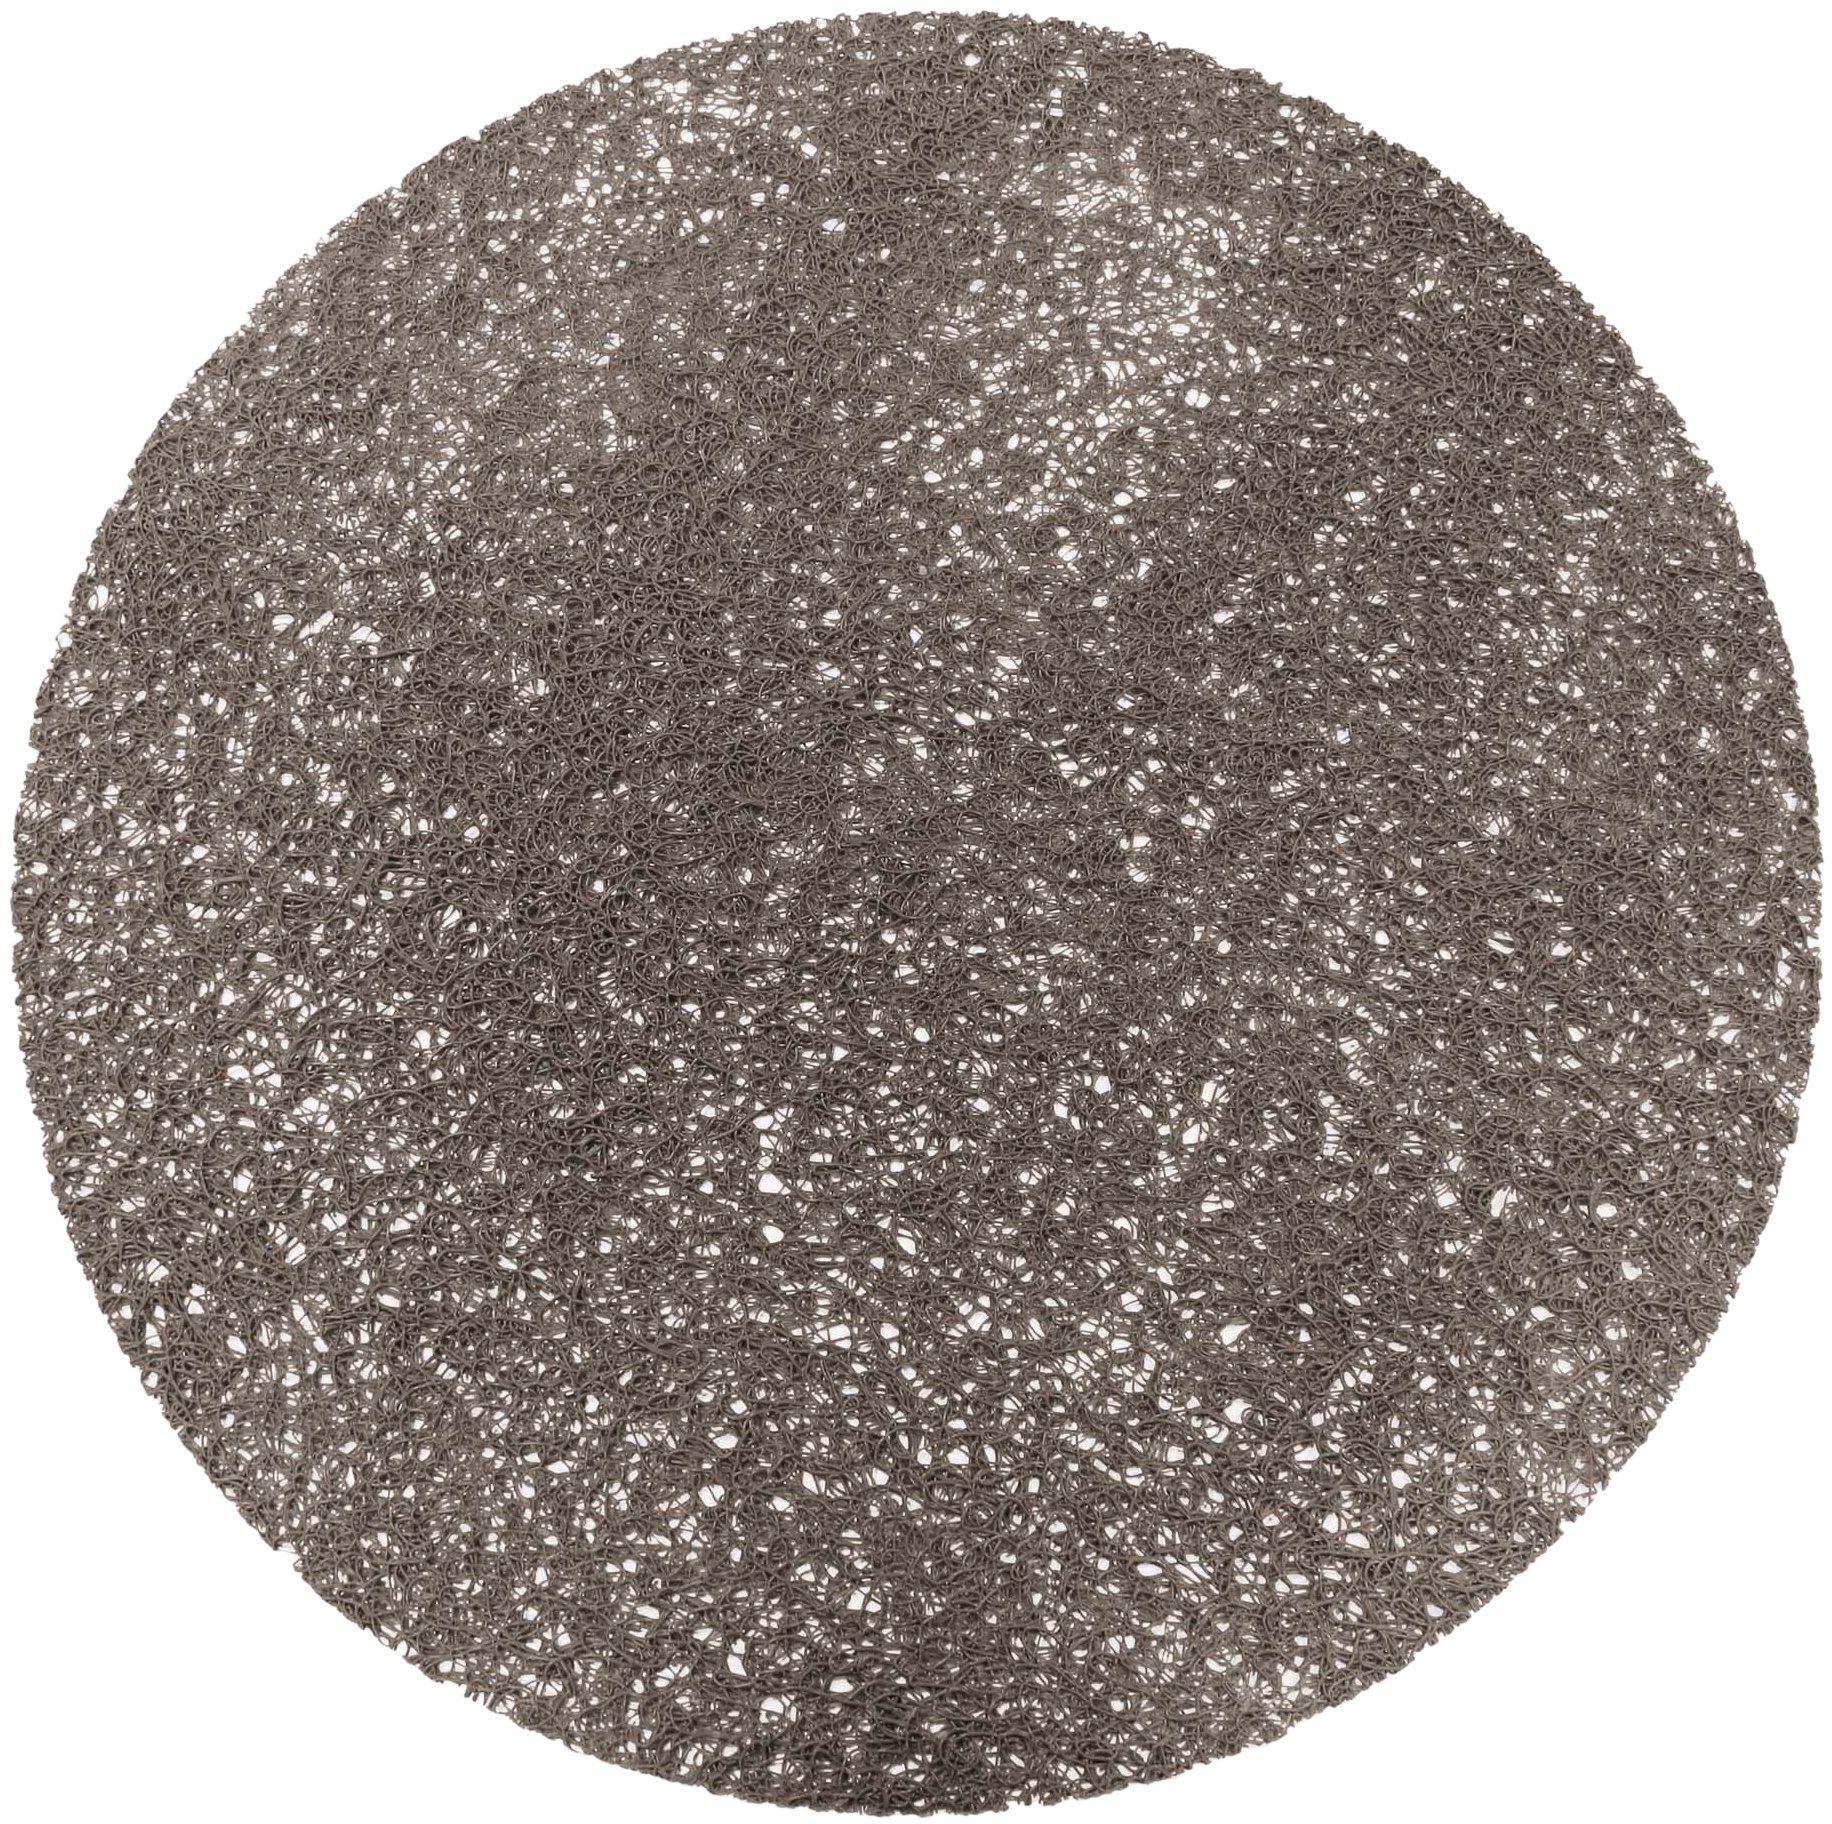 DECORLINE Podkładka (0) 38 PVC Tortilla GrIS, szara